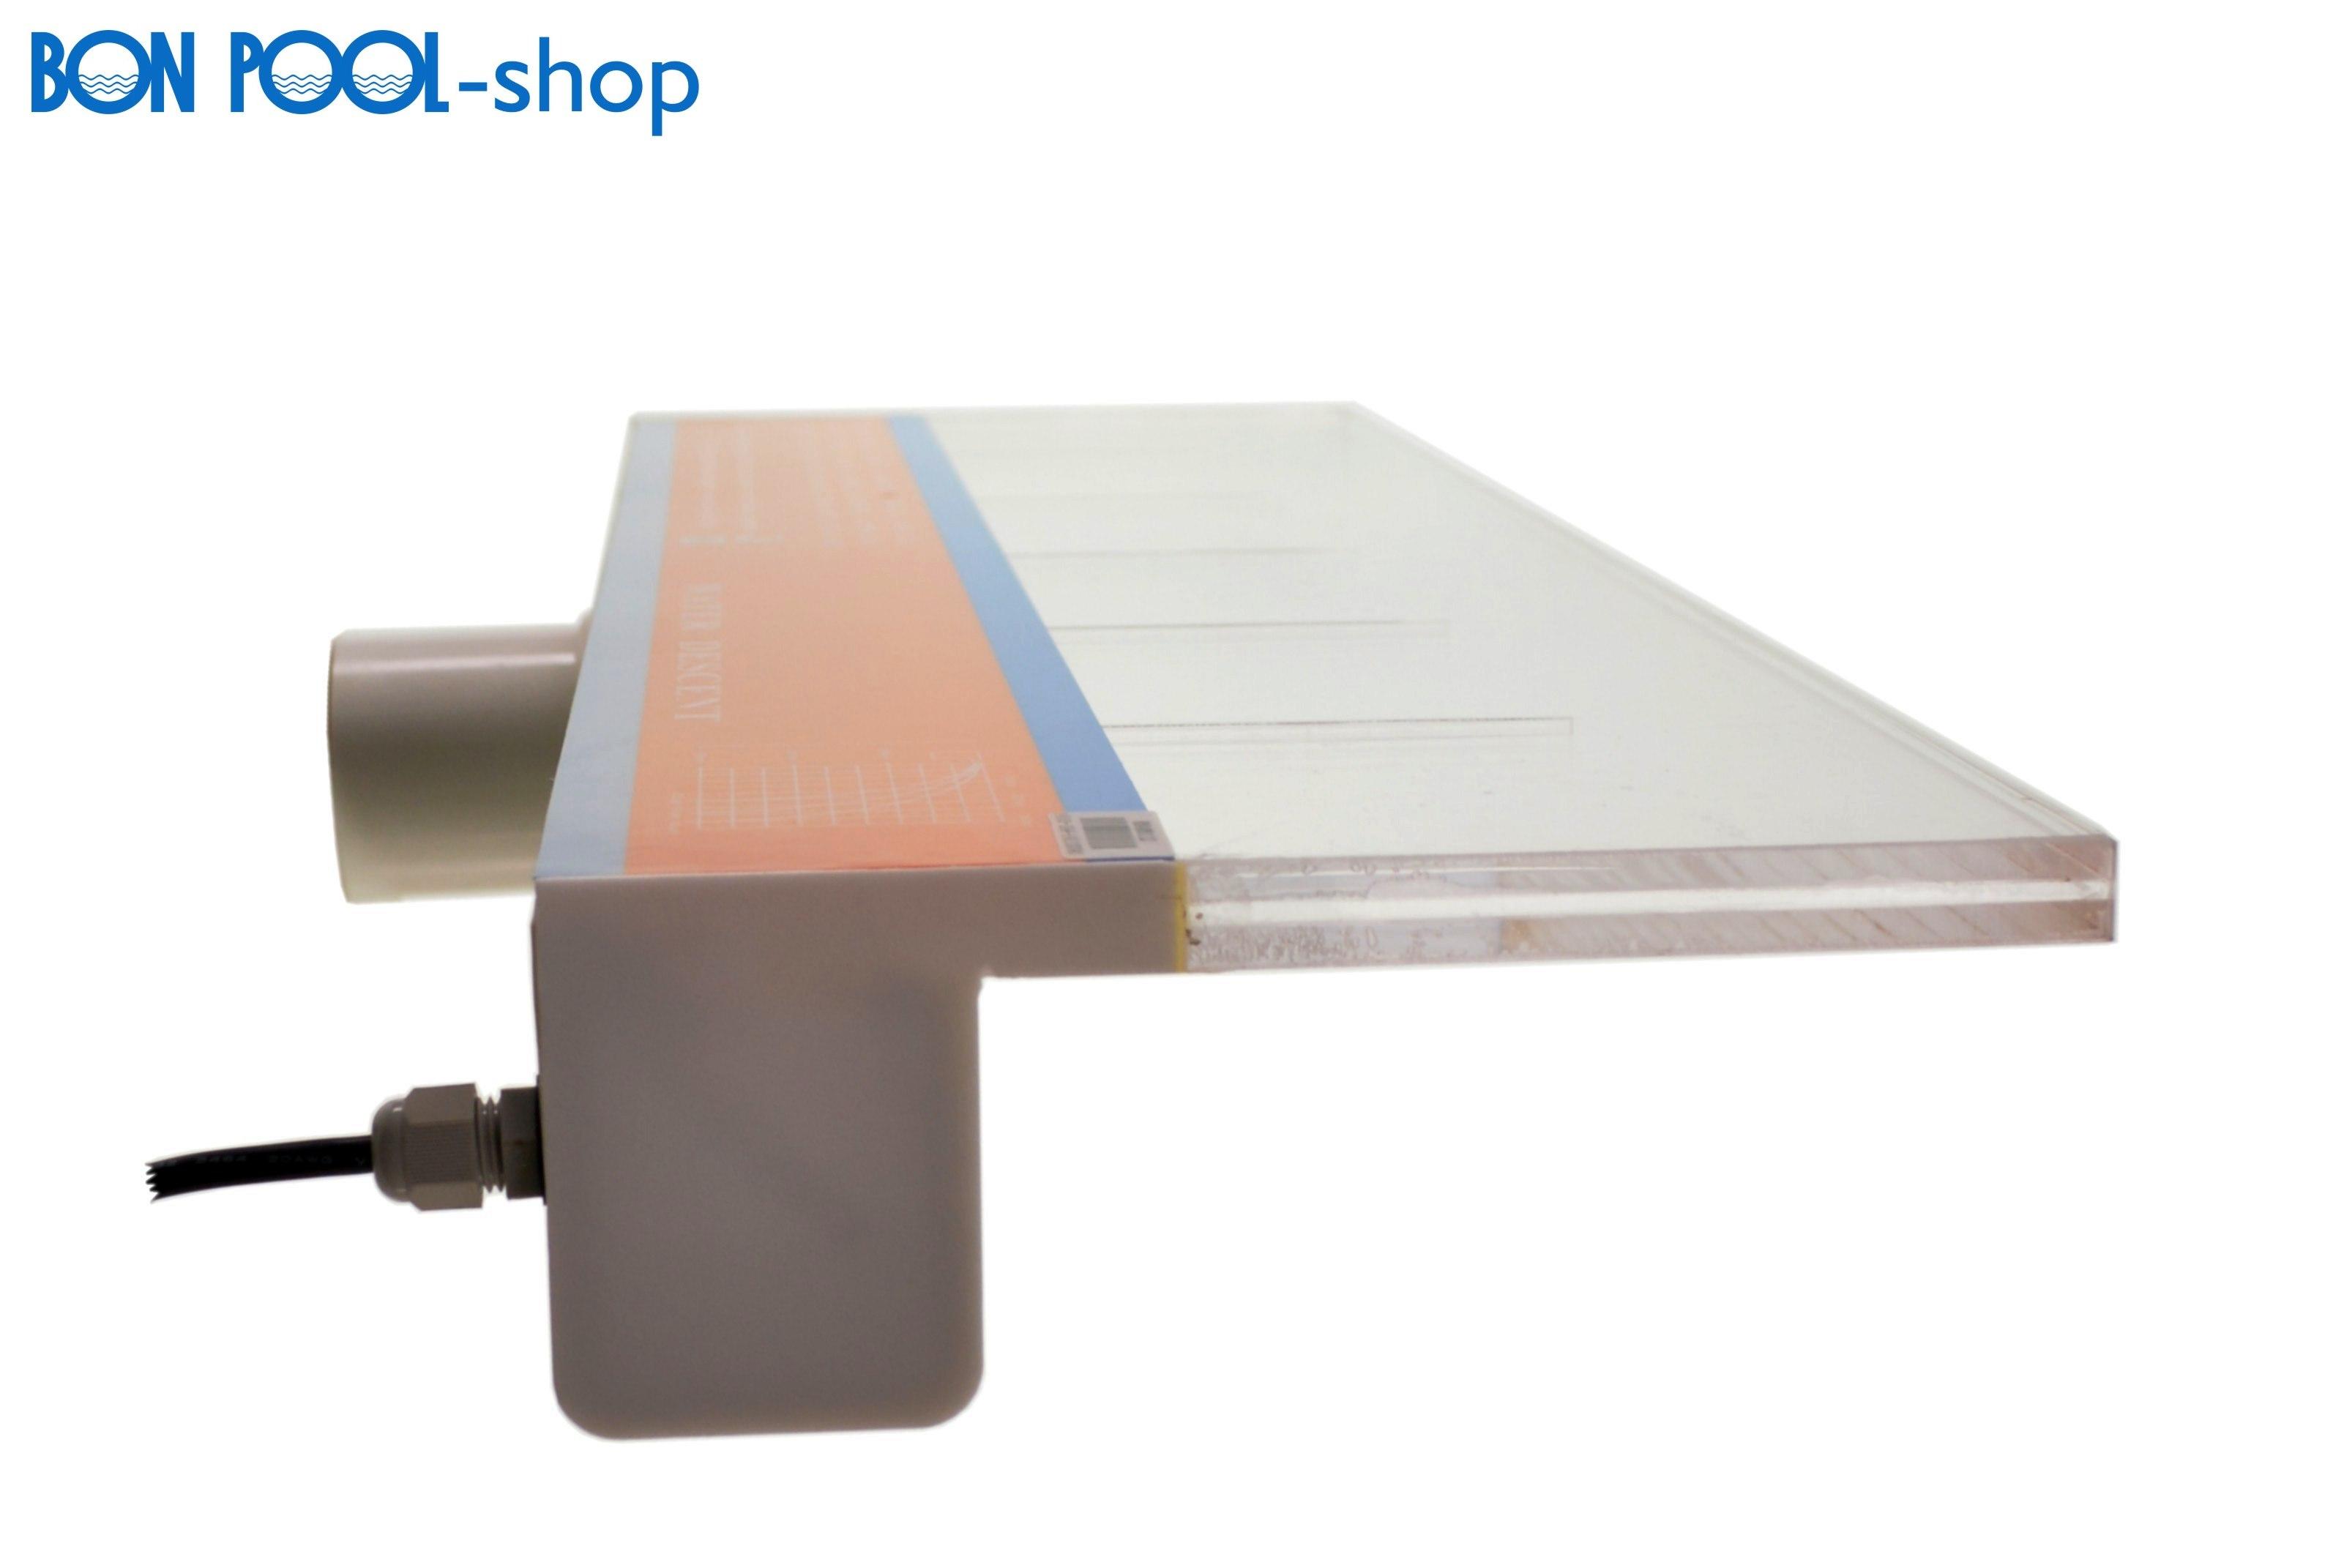 schwalldusche wasserfall led beleuchtung 600 x 150 mm 8 w. Black Bedroom Furniture Sets. Home Design Ideas